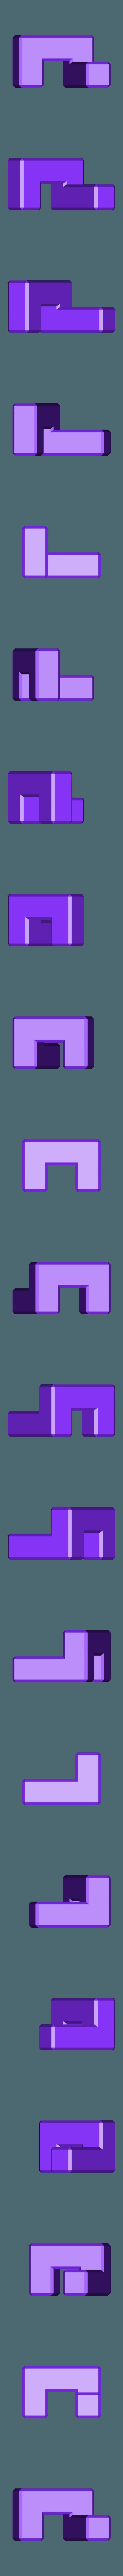 Puzzle Piece 5.stl Download free STL file 4x4 Puzzle Cube • 3D printer model, FerryTeacher